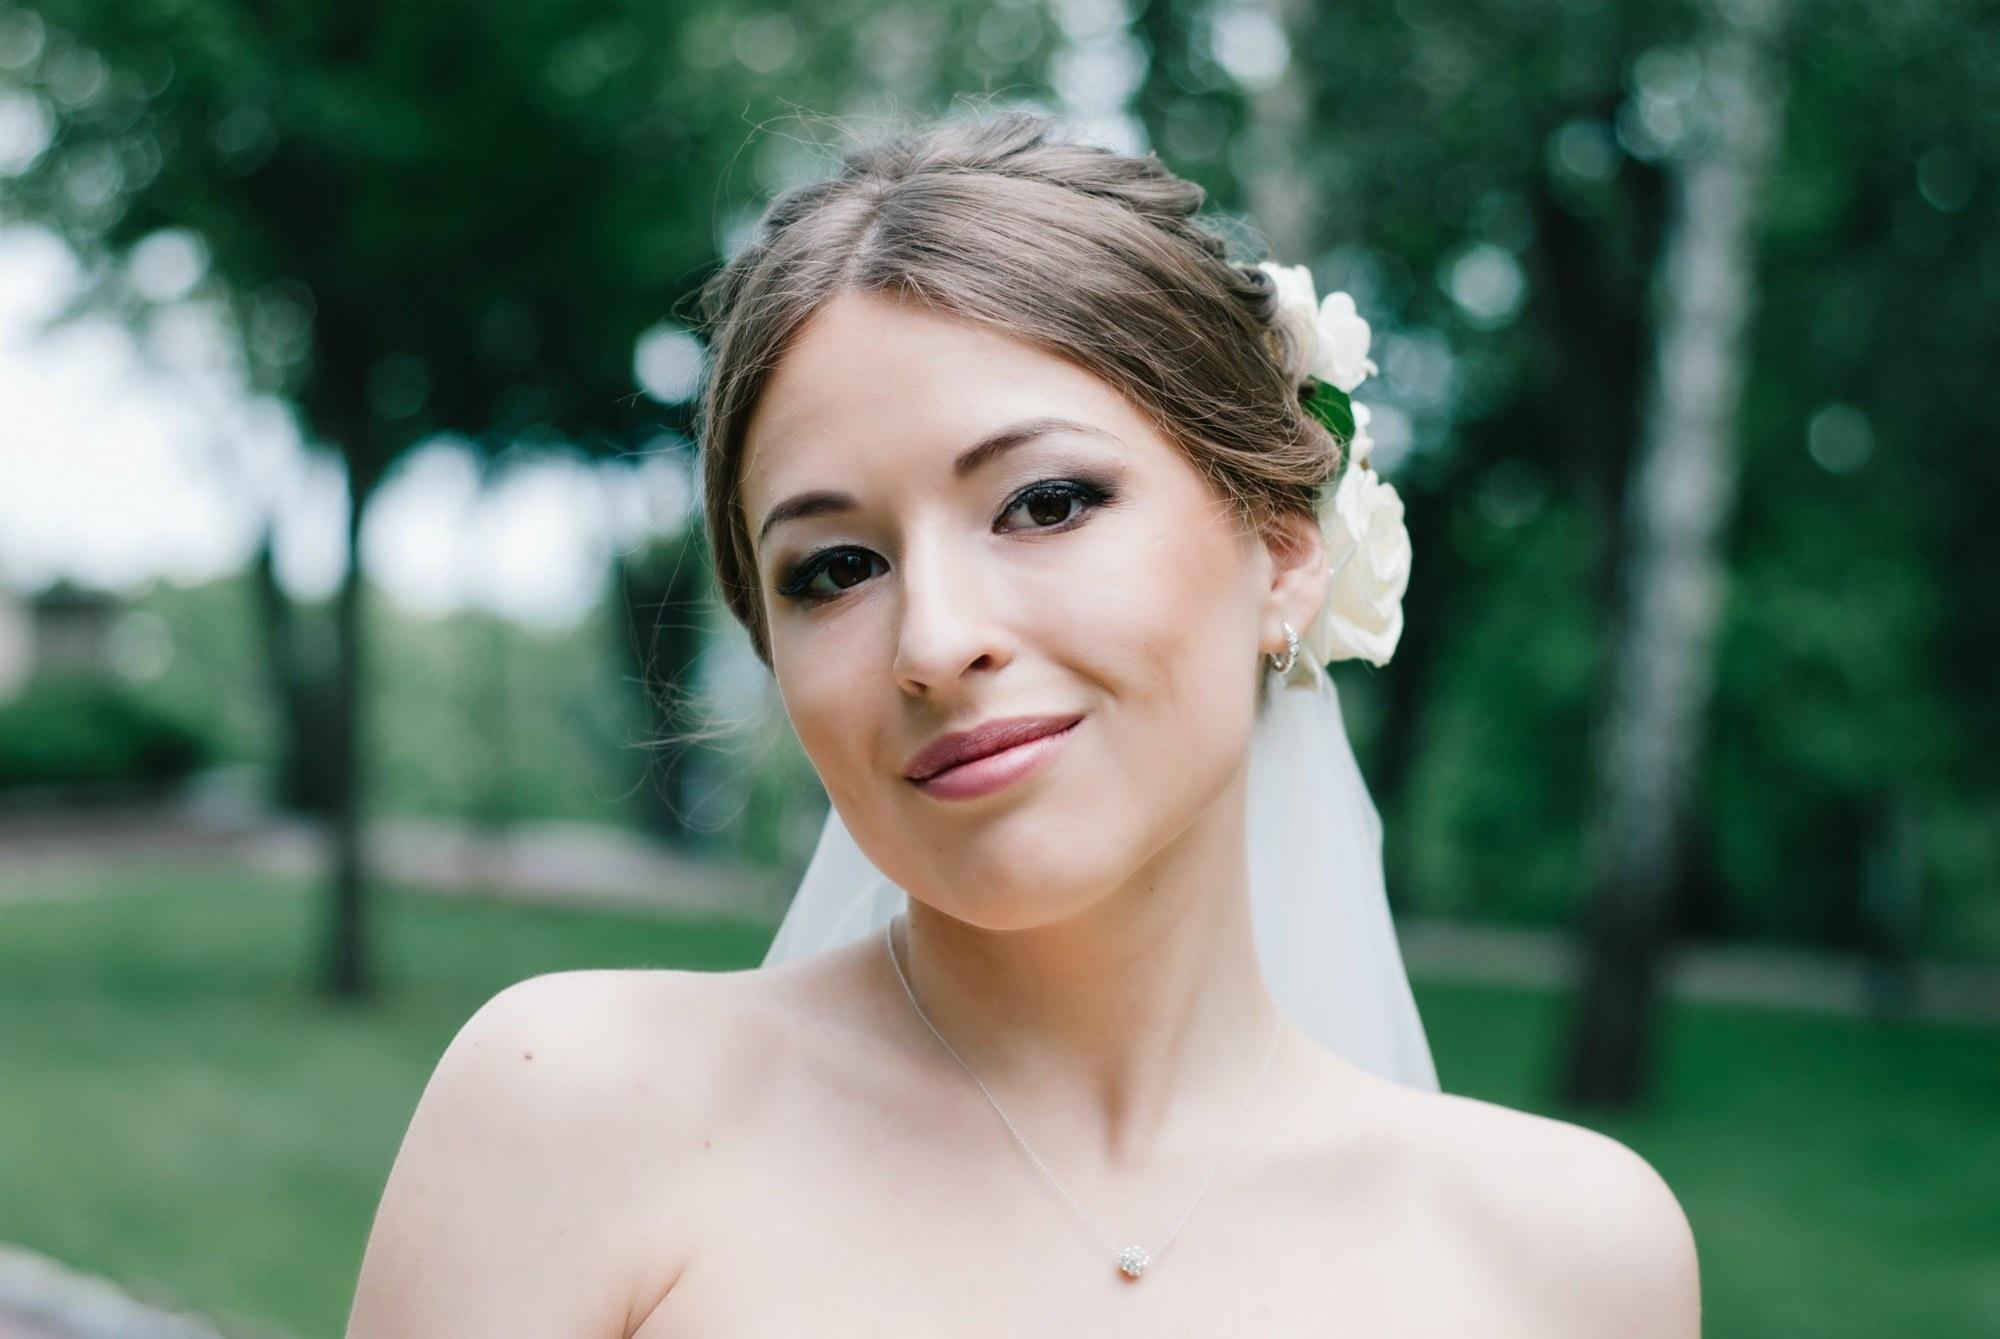 Свадебная фотосессия в парке - Фотограф Киев - Женя Лайт